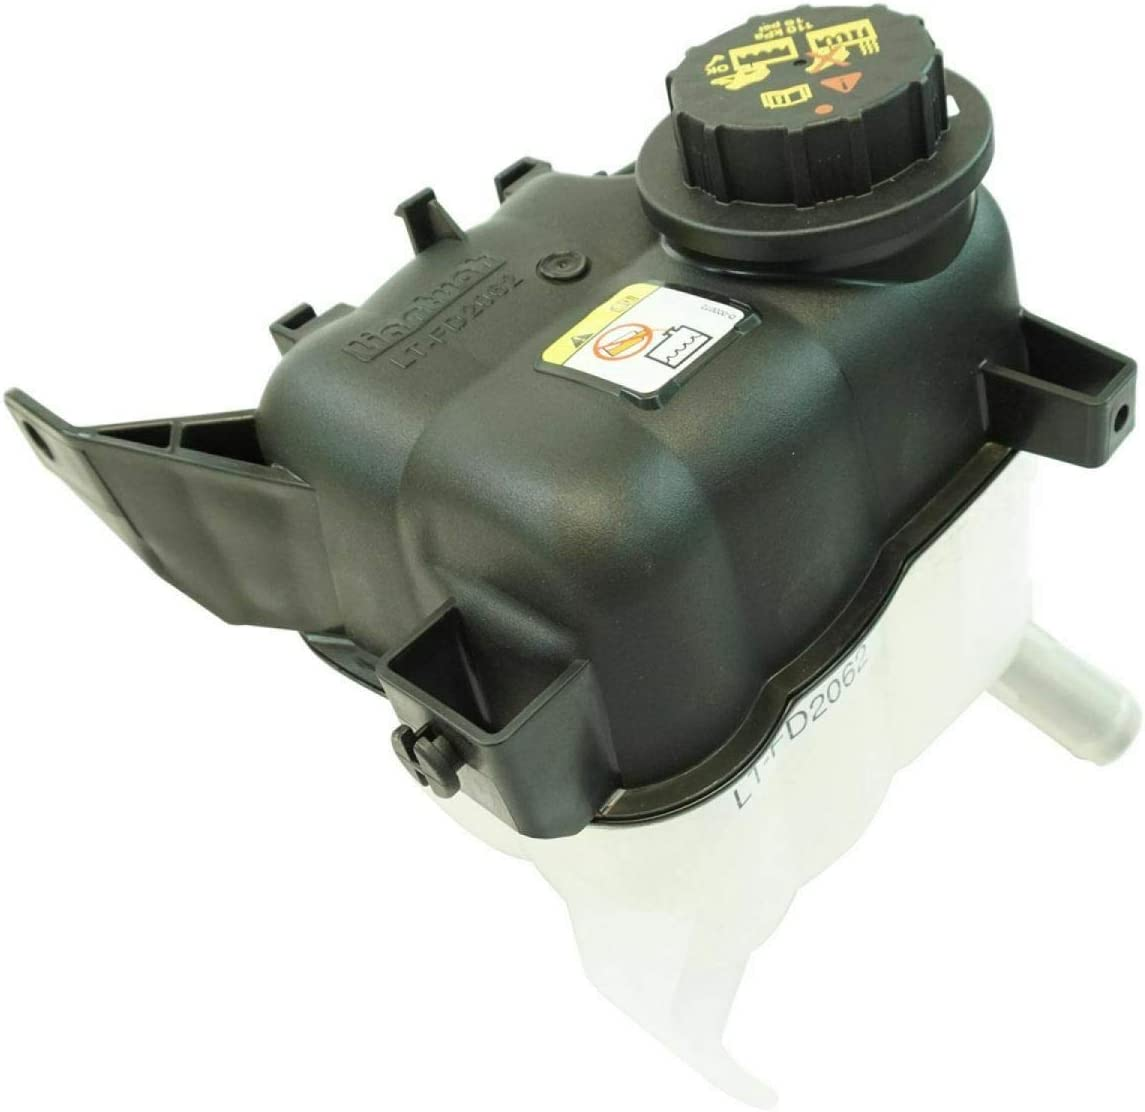 Pressurized 1 year warranty Radiator Overflow Bottle Tulsa Mall Tank Reservoir w Compat Cap